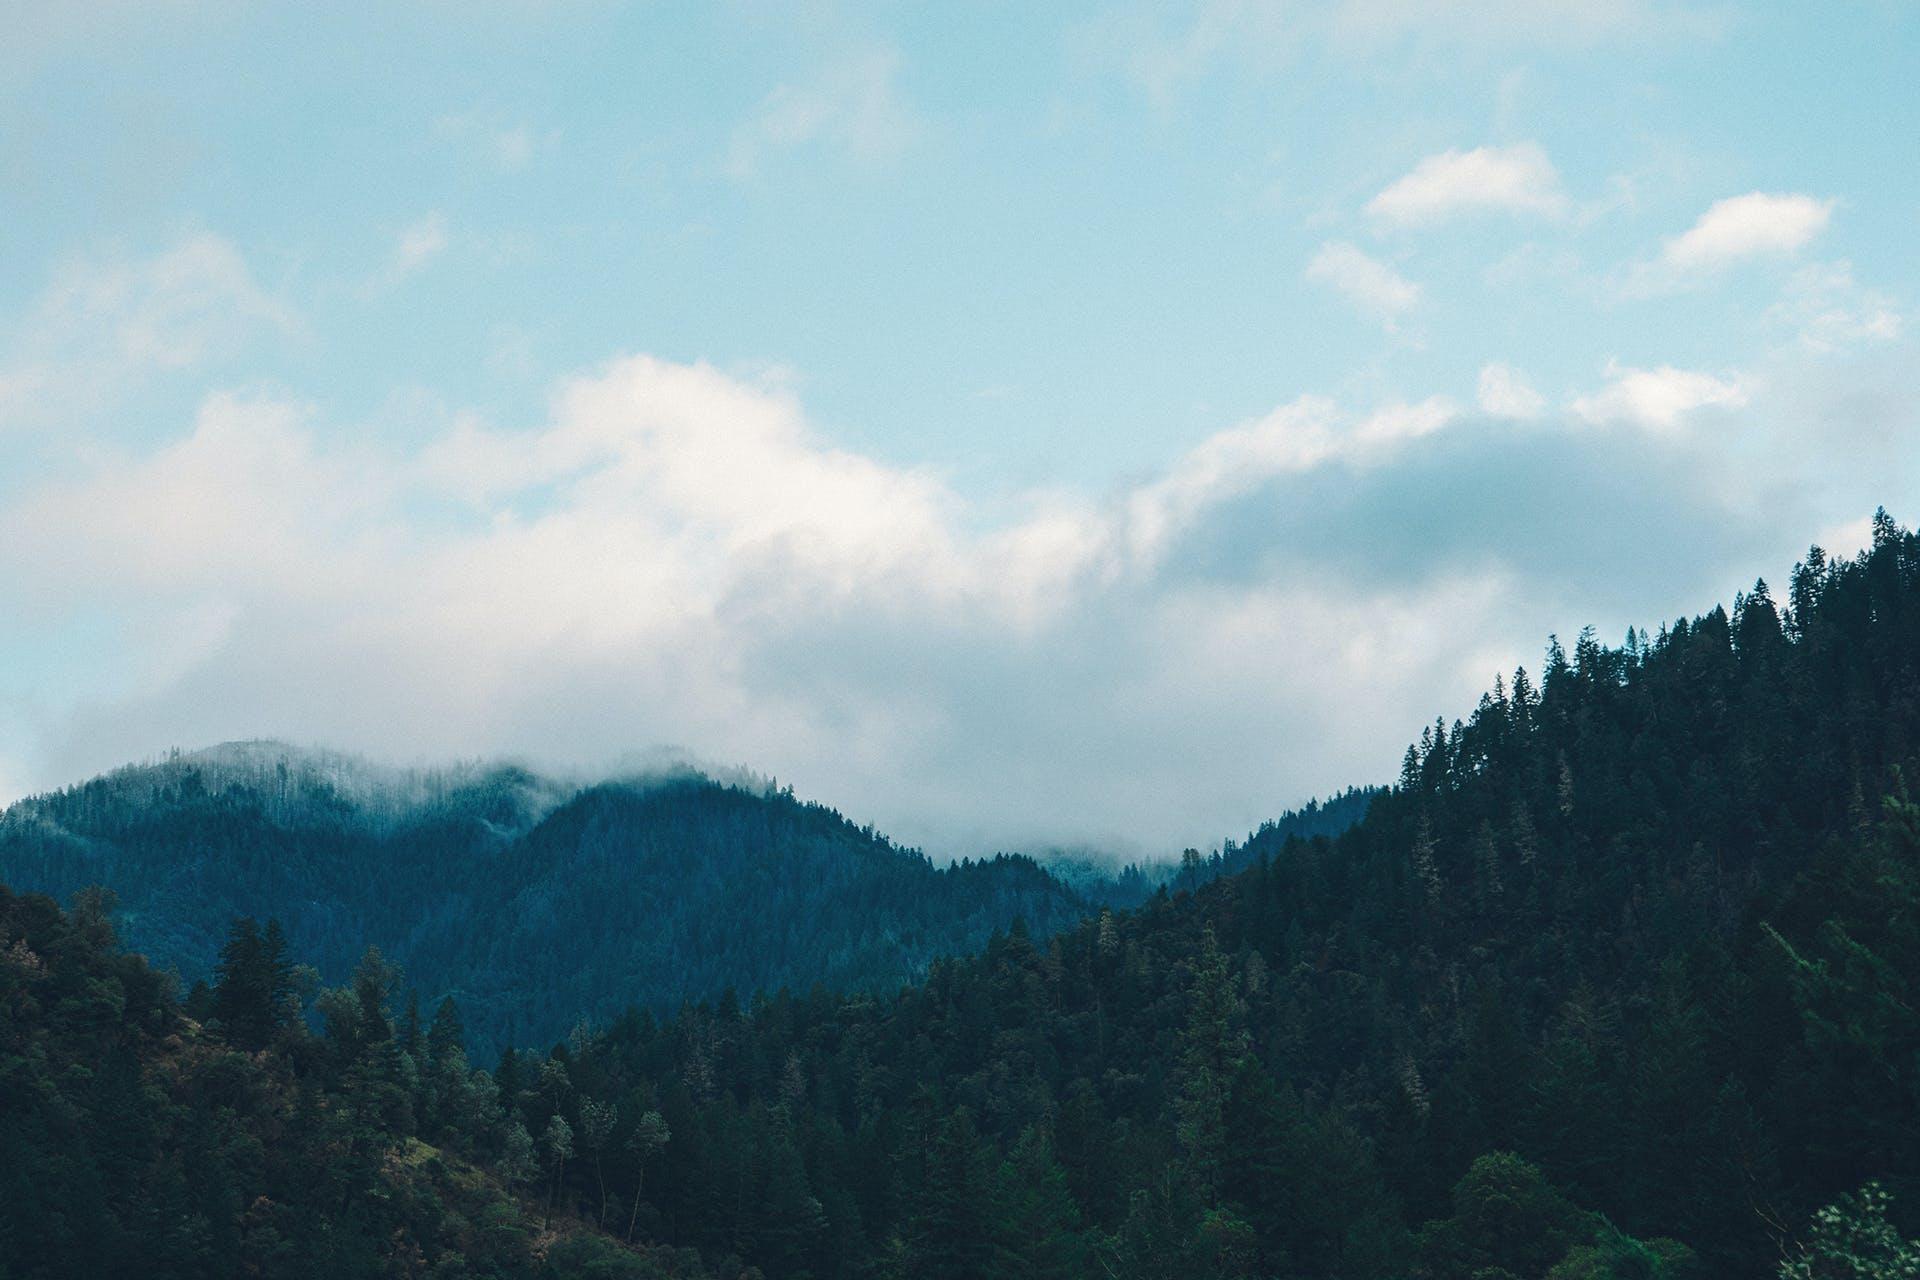 Mountain Range Under White Clouds